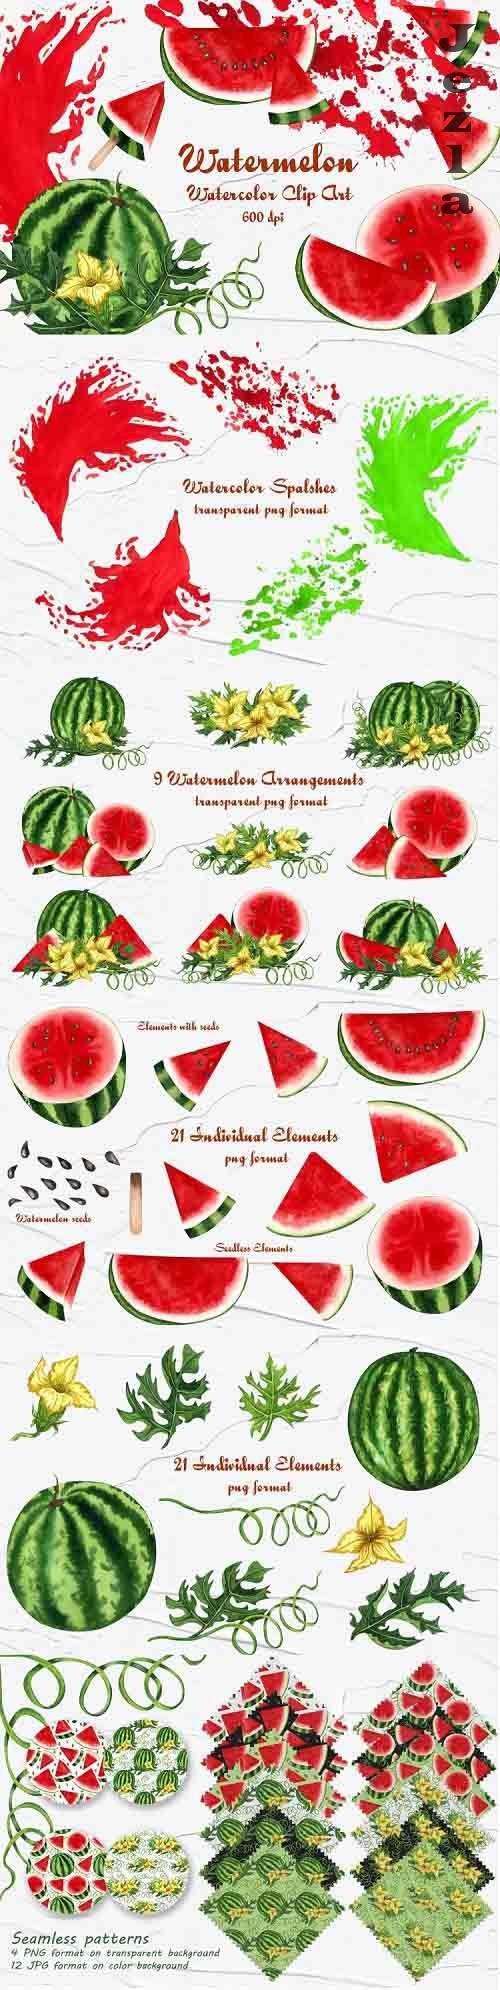 Watermelon Watercolor Clip Art 600dpi  - 701910